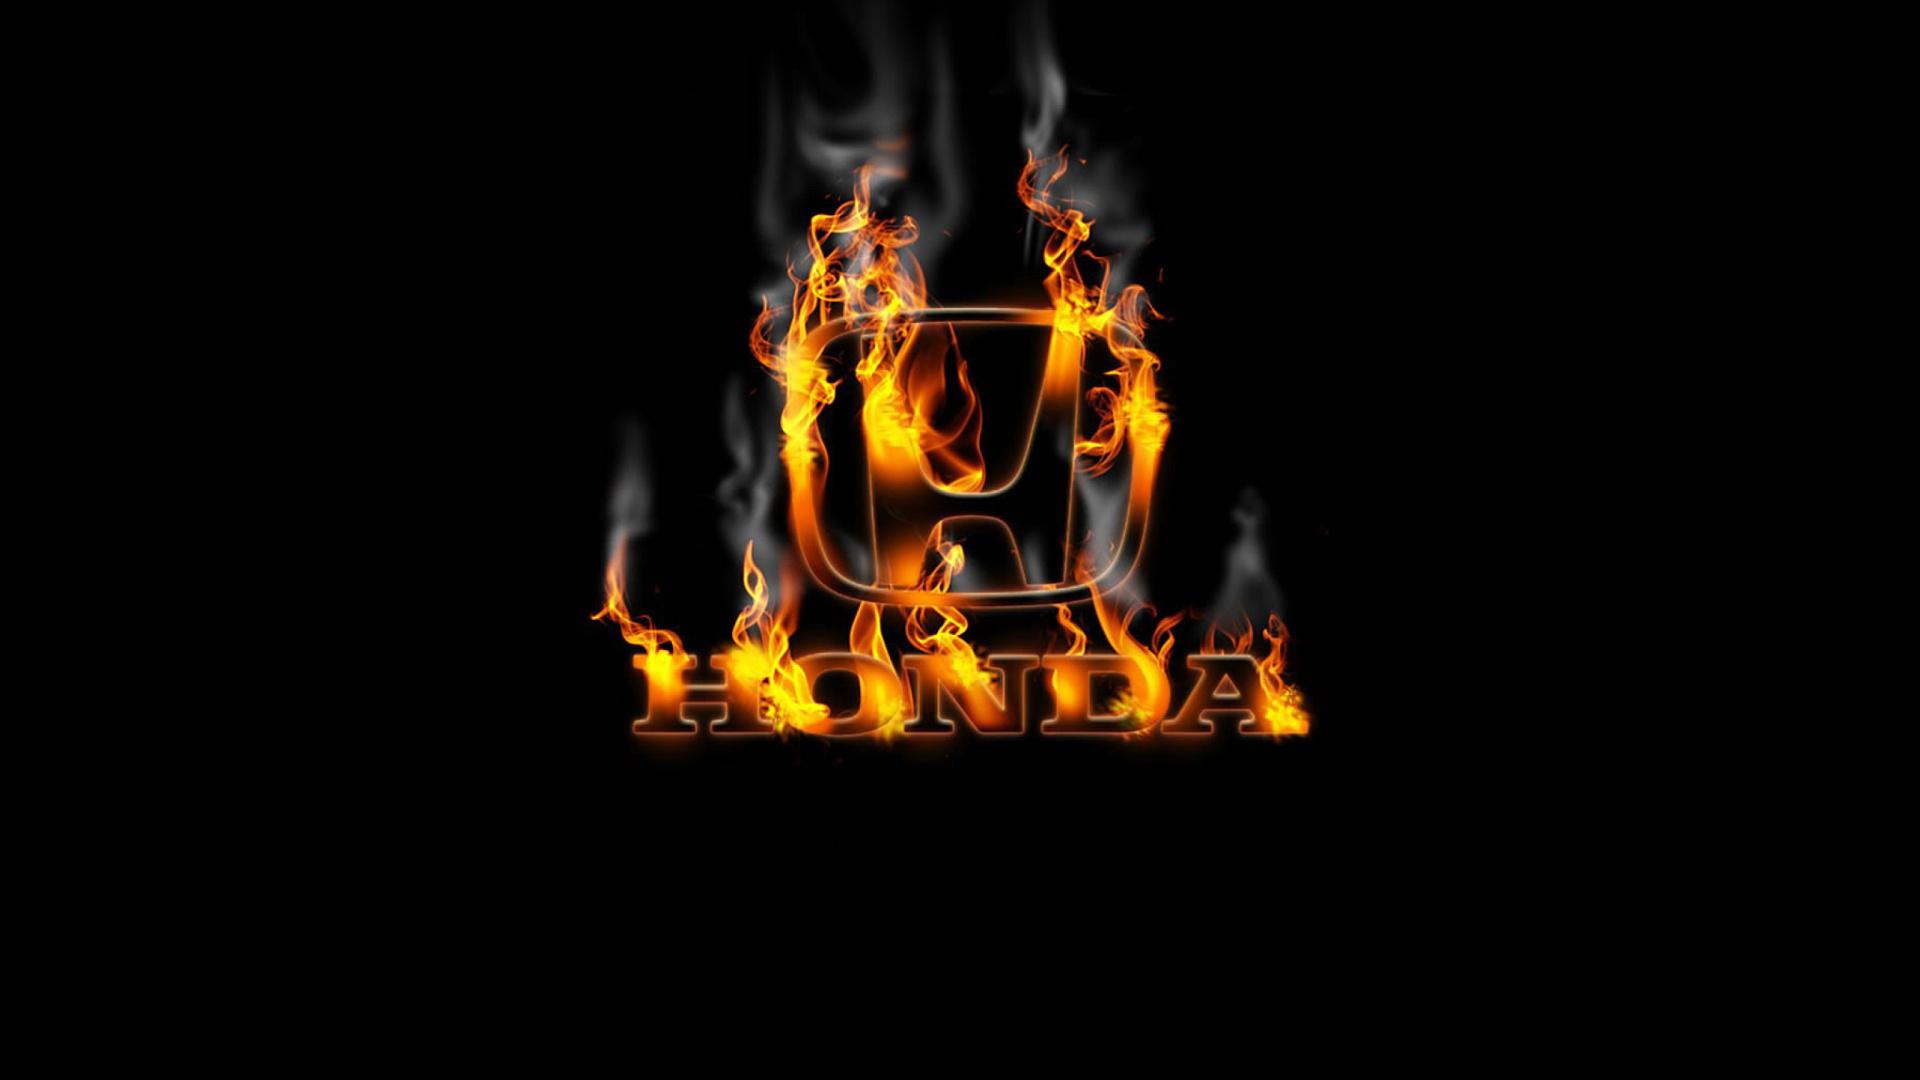 honda logo sfondi gratuiti per desktop 1920x1080 full hd